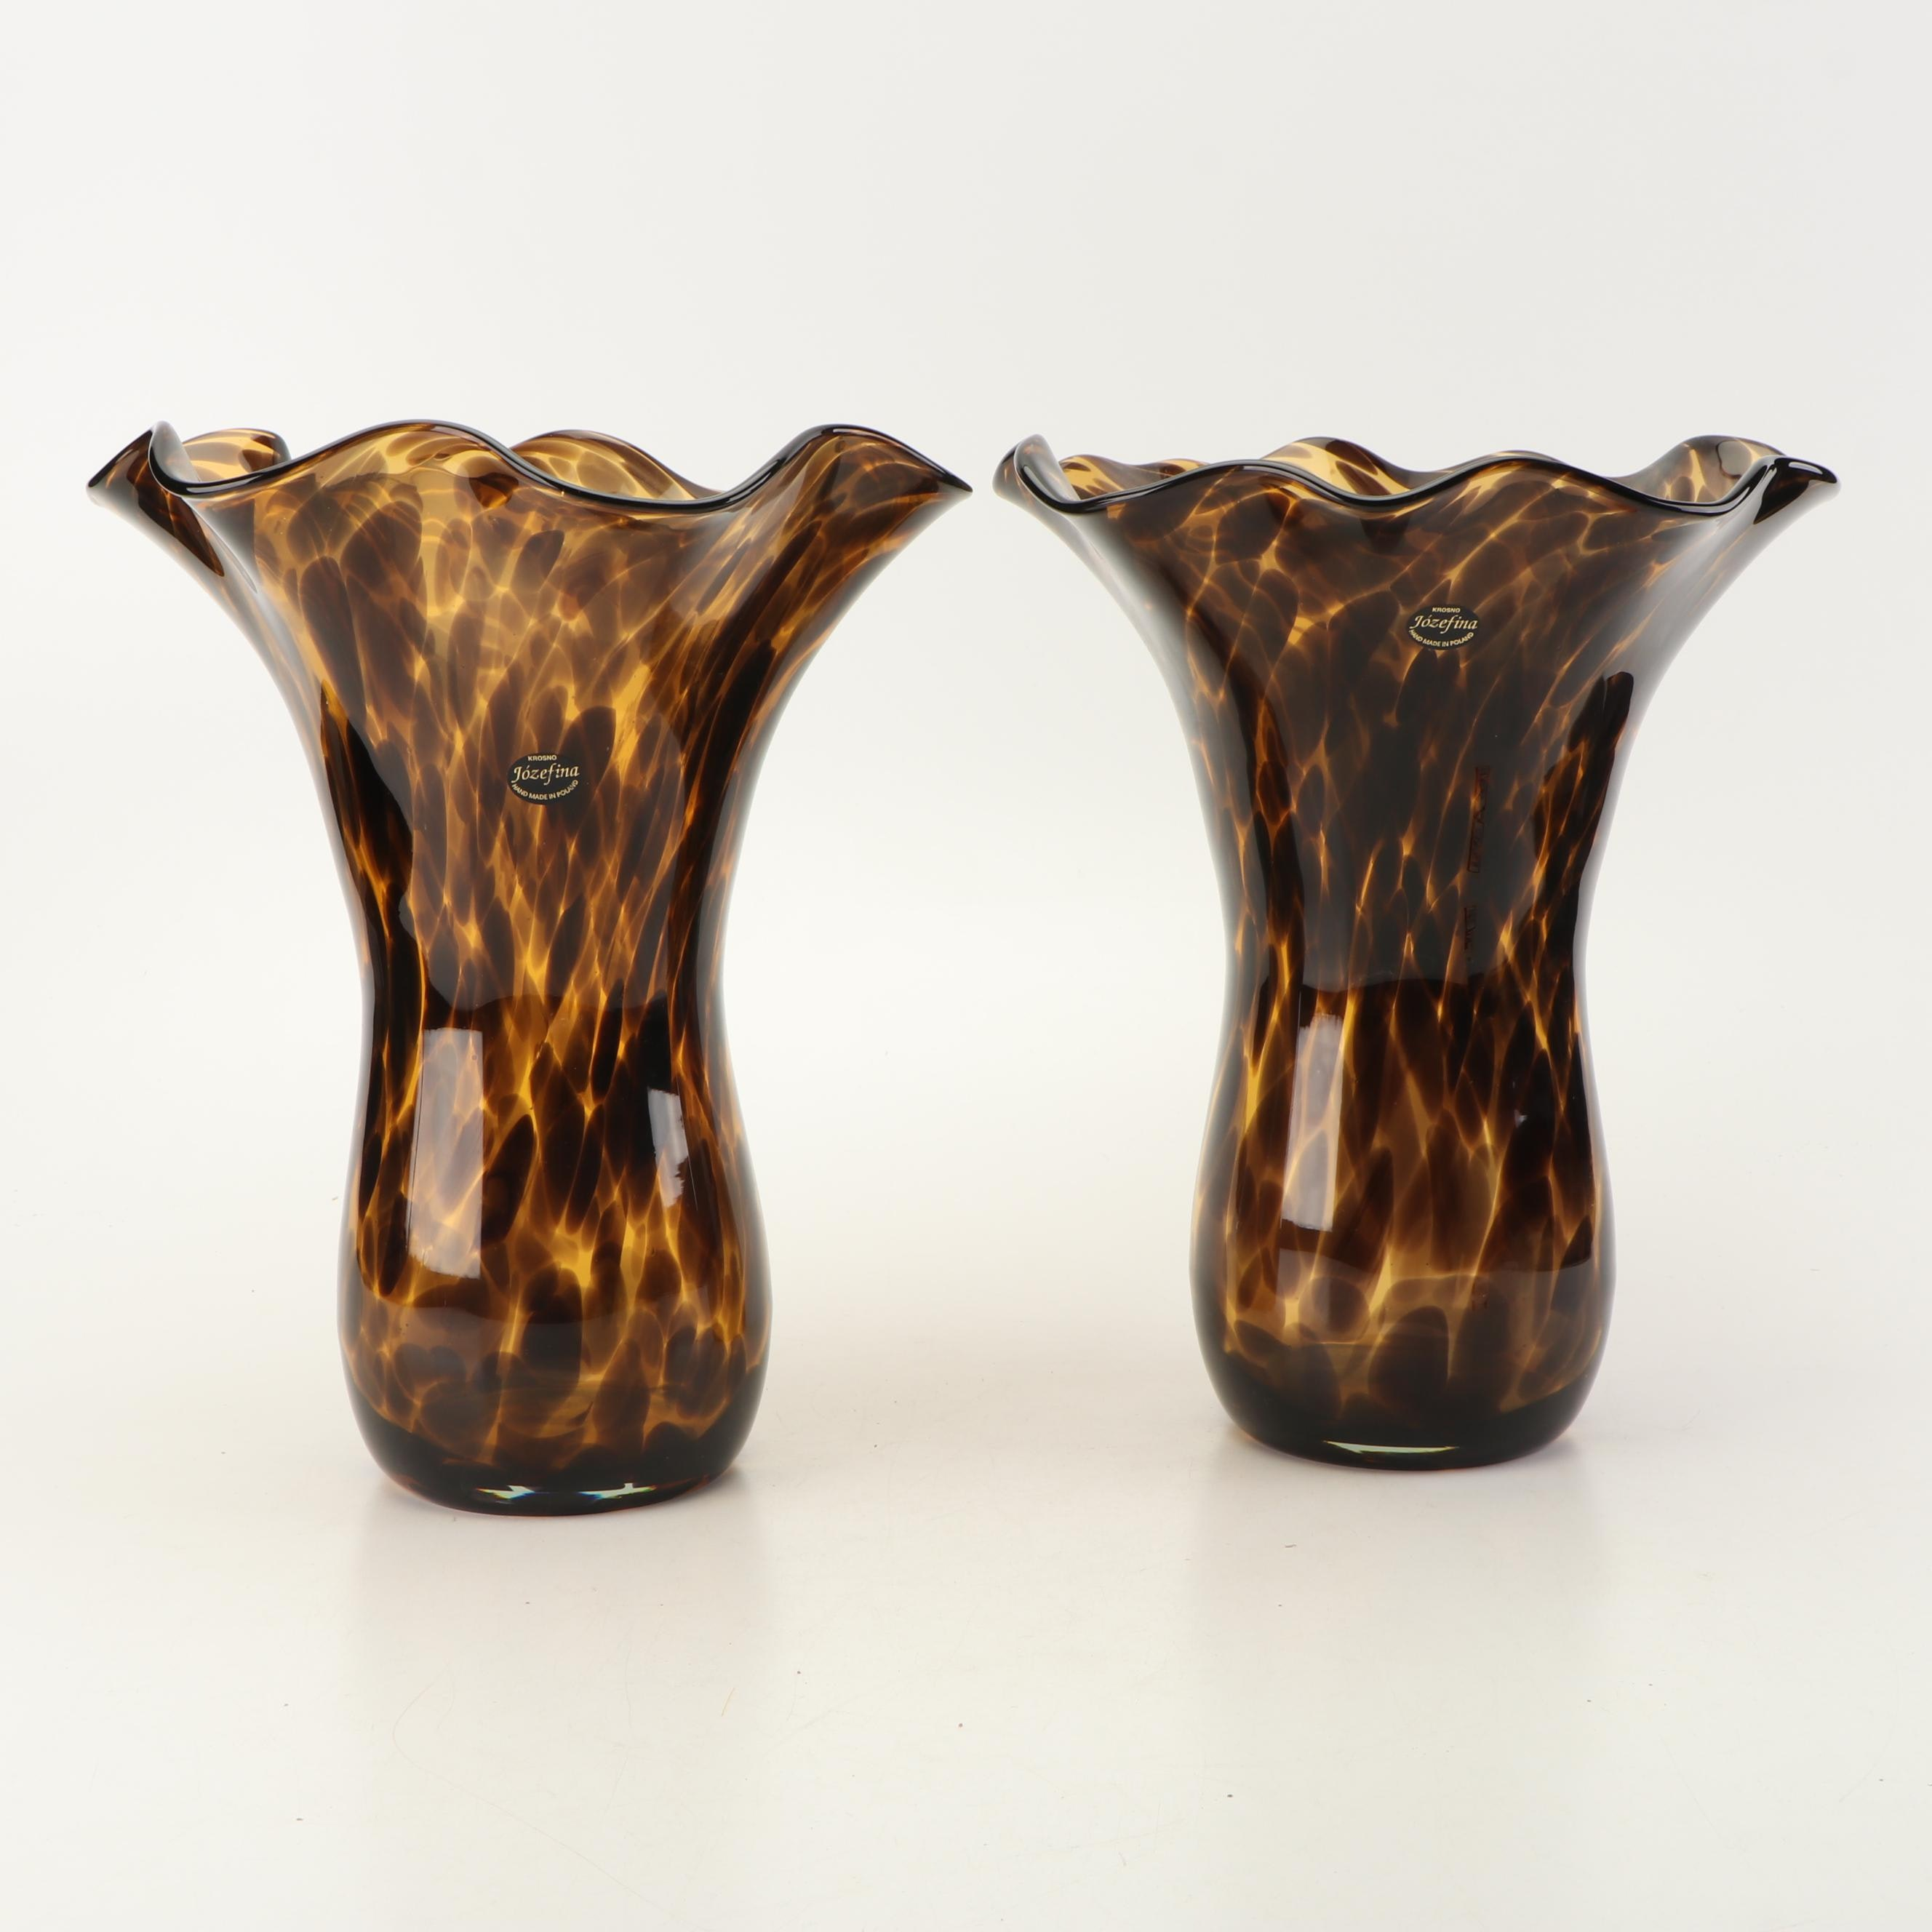 Pair of Józefina Art Glass Vases